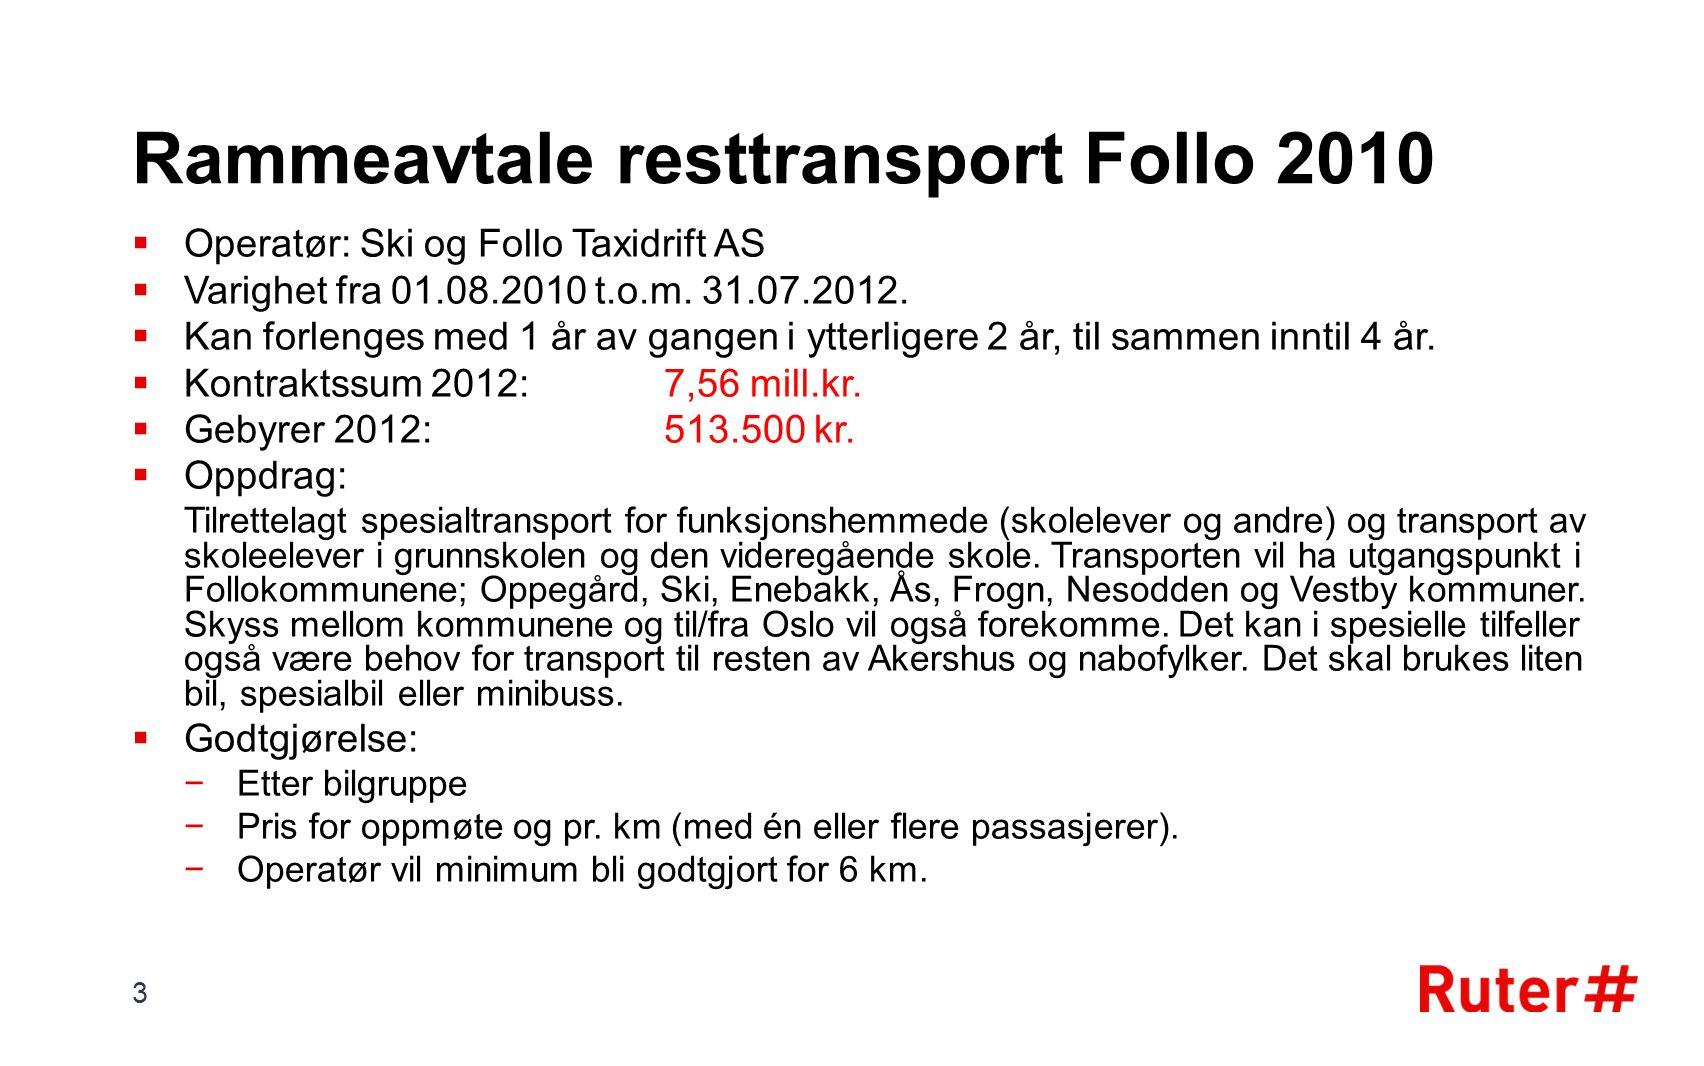 Øvrige kontrakter i Follo  Nye kontrakter om (stor)busstjenester i Follo-området skal inngås  Anbudskonkurranse 1.halvår 2014  Oppstart juni 2015  Dagens (stor)buss avtaler inneholder også noe kjøring med minibuss 4